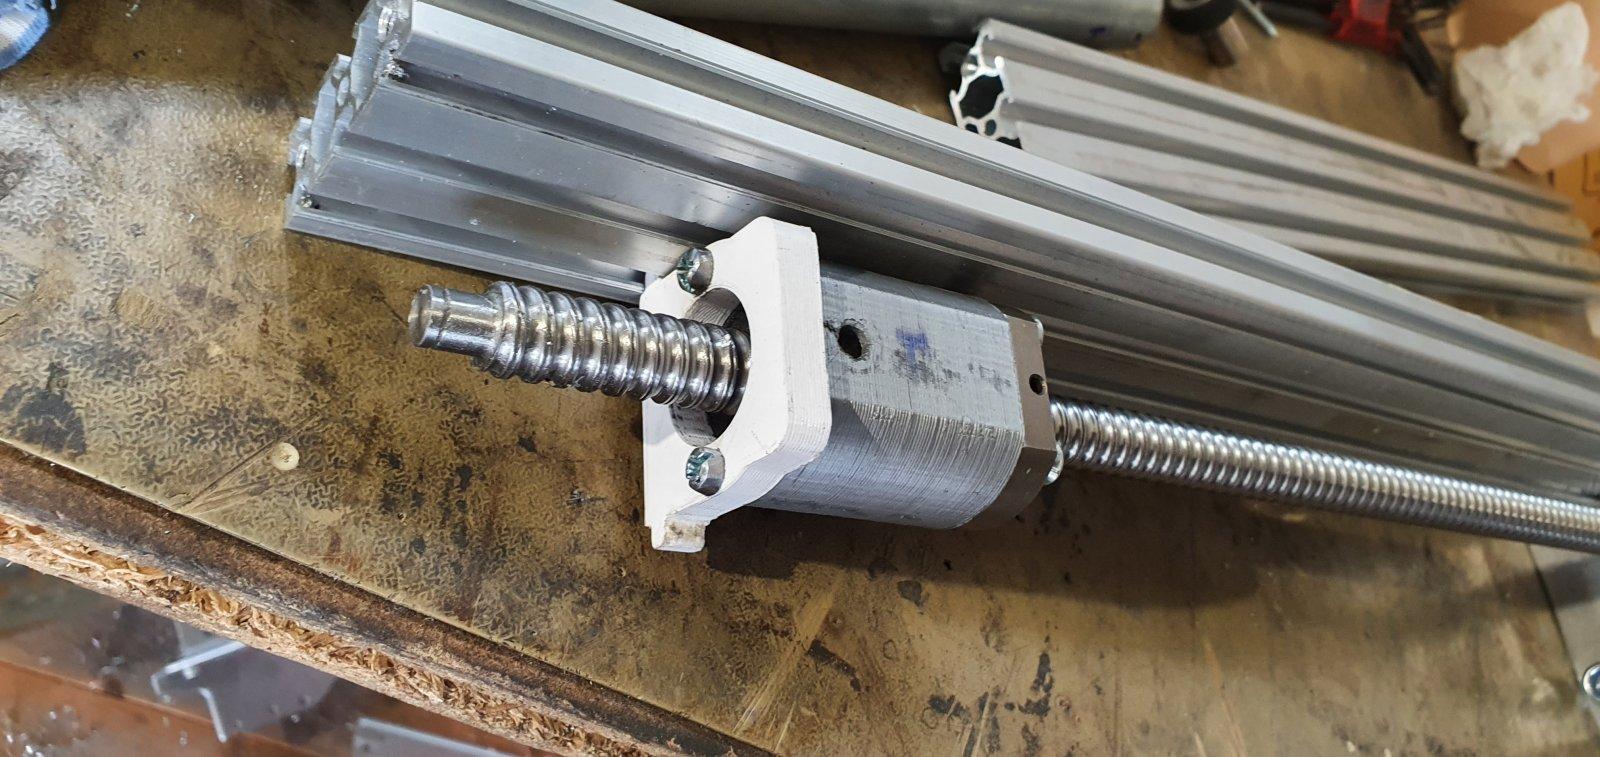 Actuator 2 ball screw assy.jpg